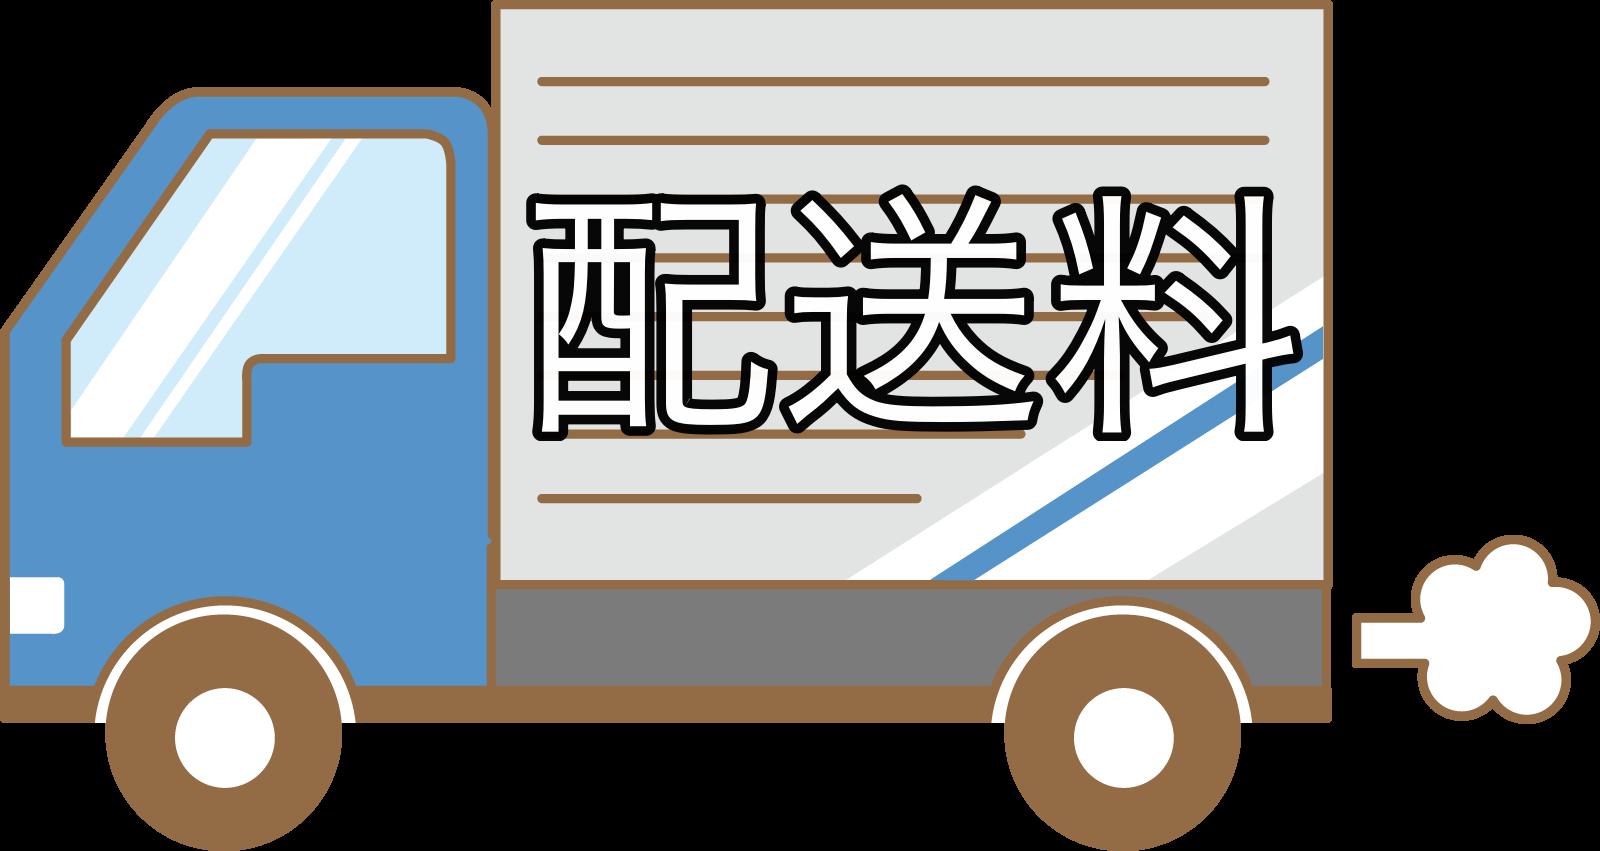 オイシックスとパルシステムの配送料を比較するトラックのイメージ